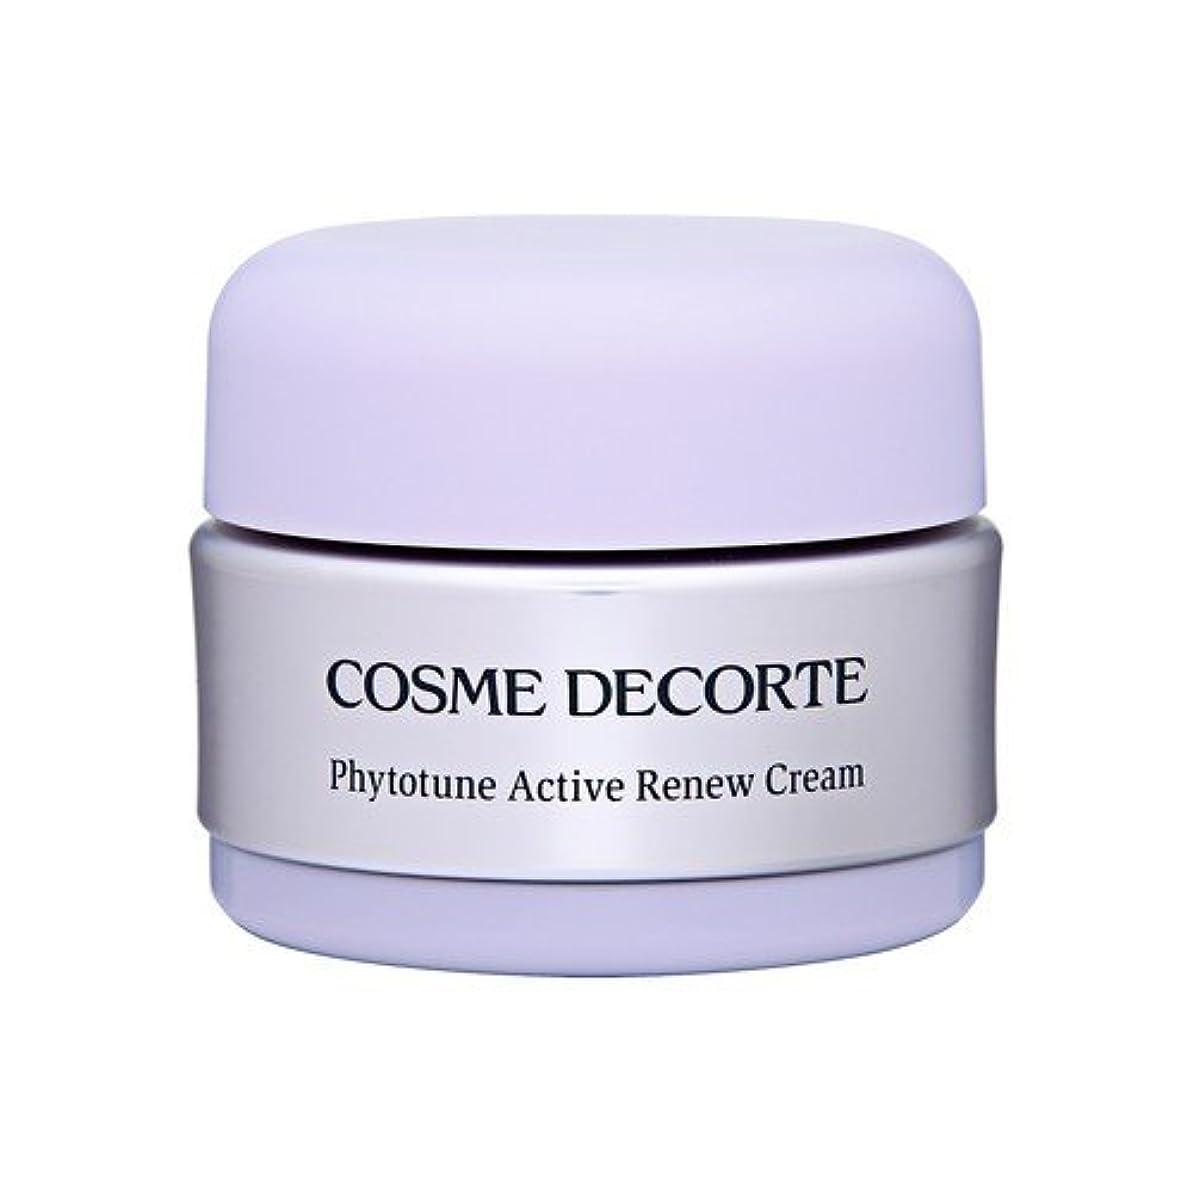 氷パンコンパイルコスメ デコルテ(COSME DECORTE) フィトチューンアクティブリニュークリーム 30g [364491][並行輸入品]